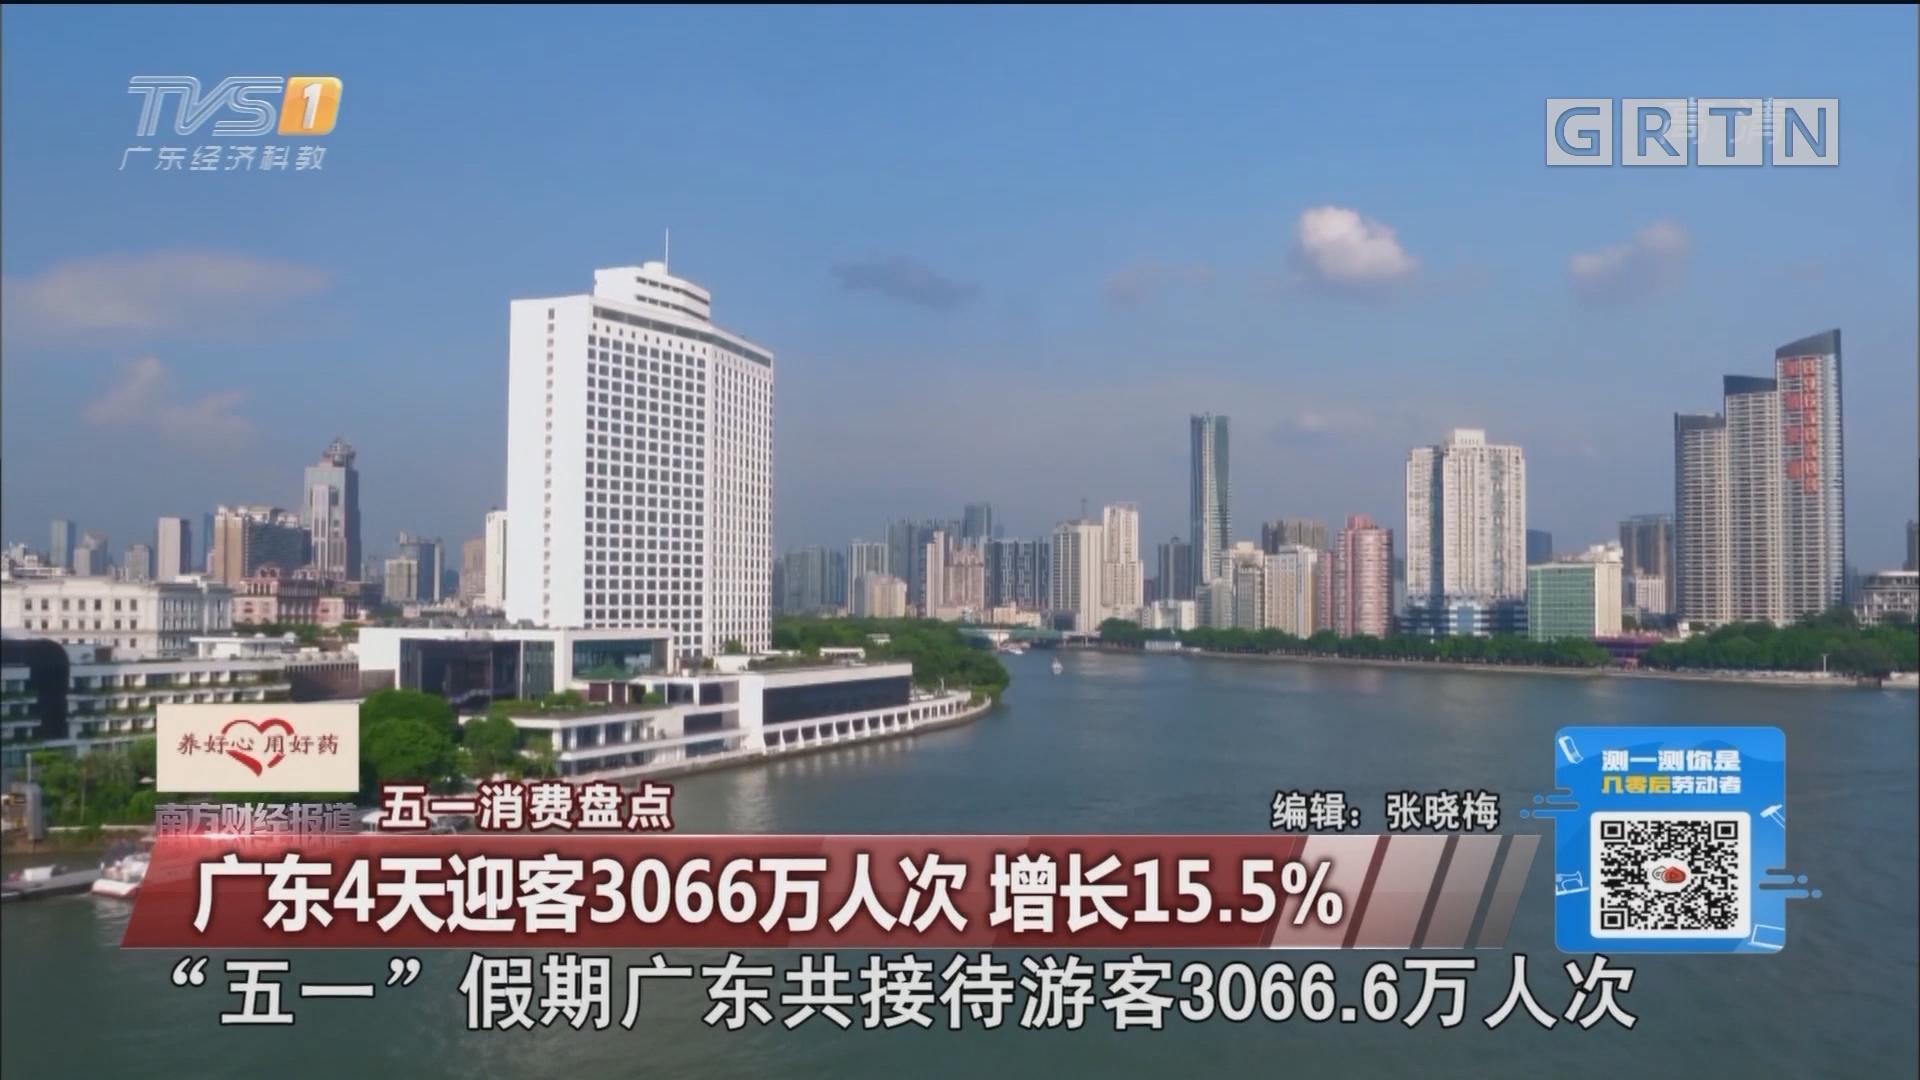 五一消费盘点:广东4天迎客3066万人次 增长15.5%